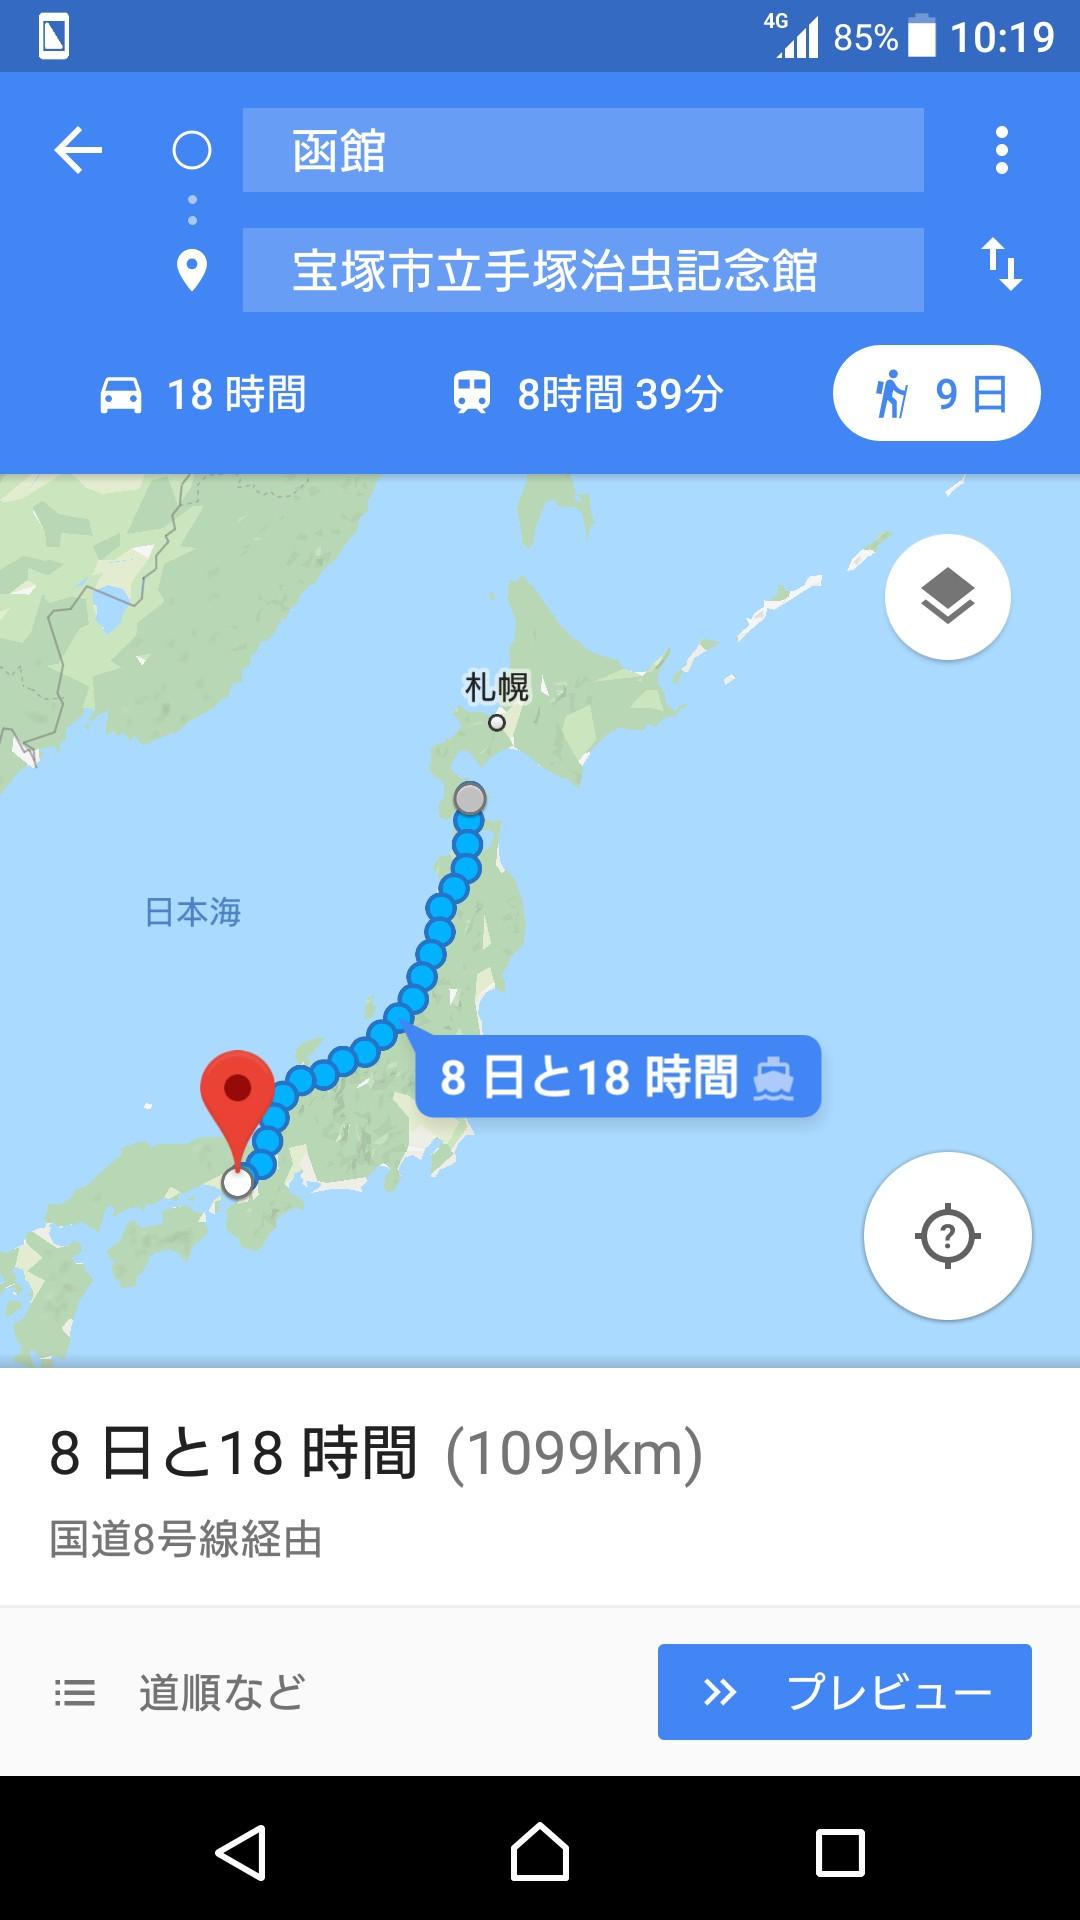 f:id:Sirakaba:20180406102002j:plain